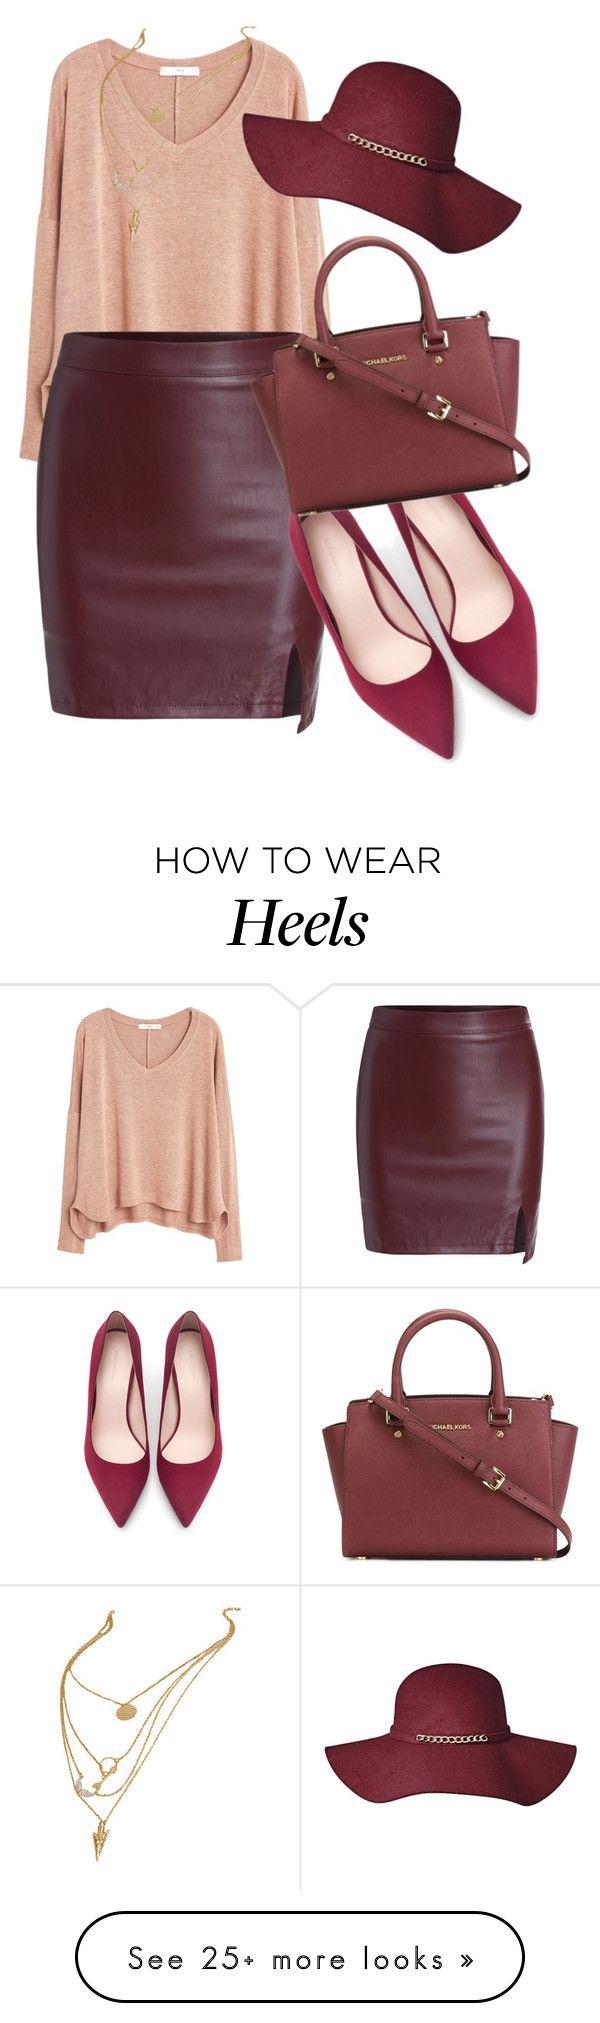 jersey rosa nuevo y zapatos granate con alguna falda.... negra plisada?